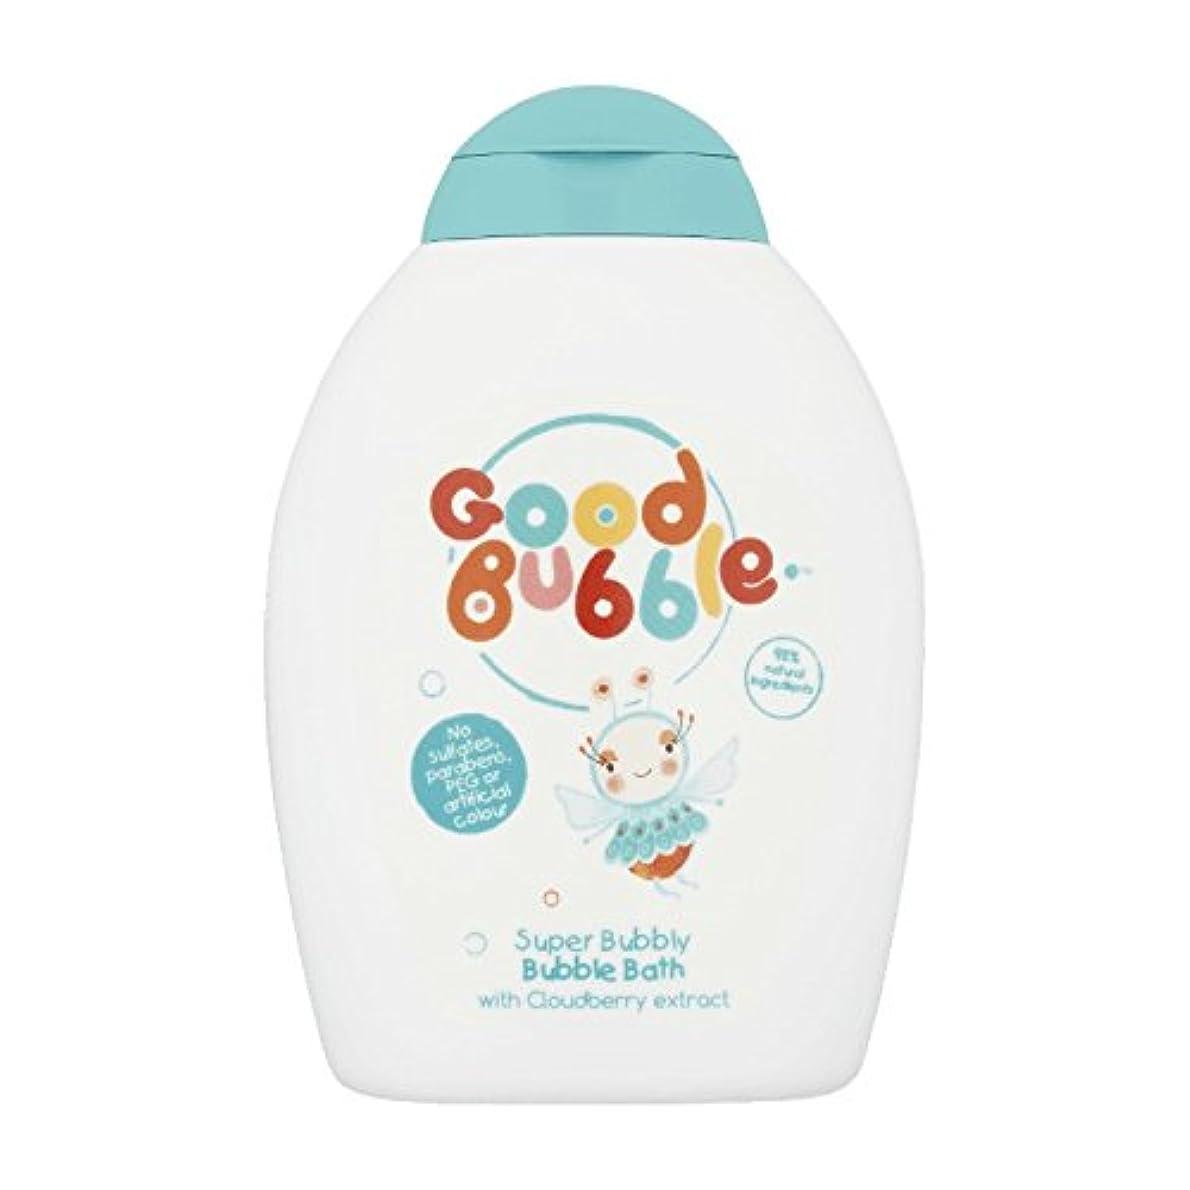 容器周辺欲望良いバブルクラウドベリーバブルバス400ミリリットル - Good Bubble Cloudberry Bubble Bath 400ml (Good Bubble) [並行輸入品]